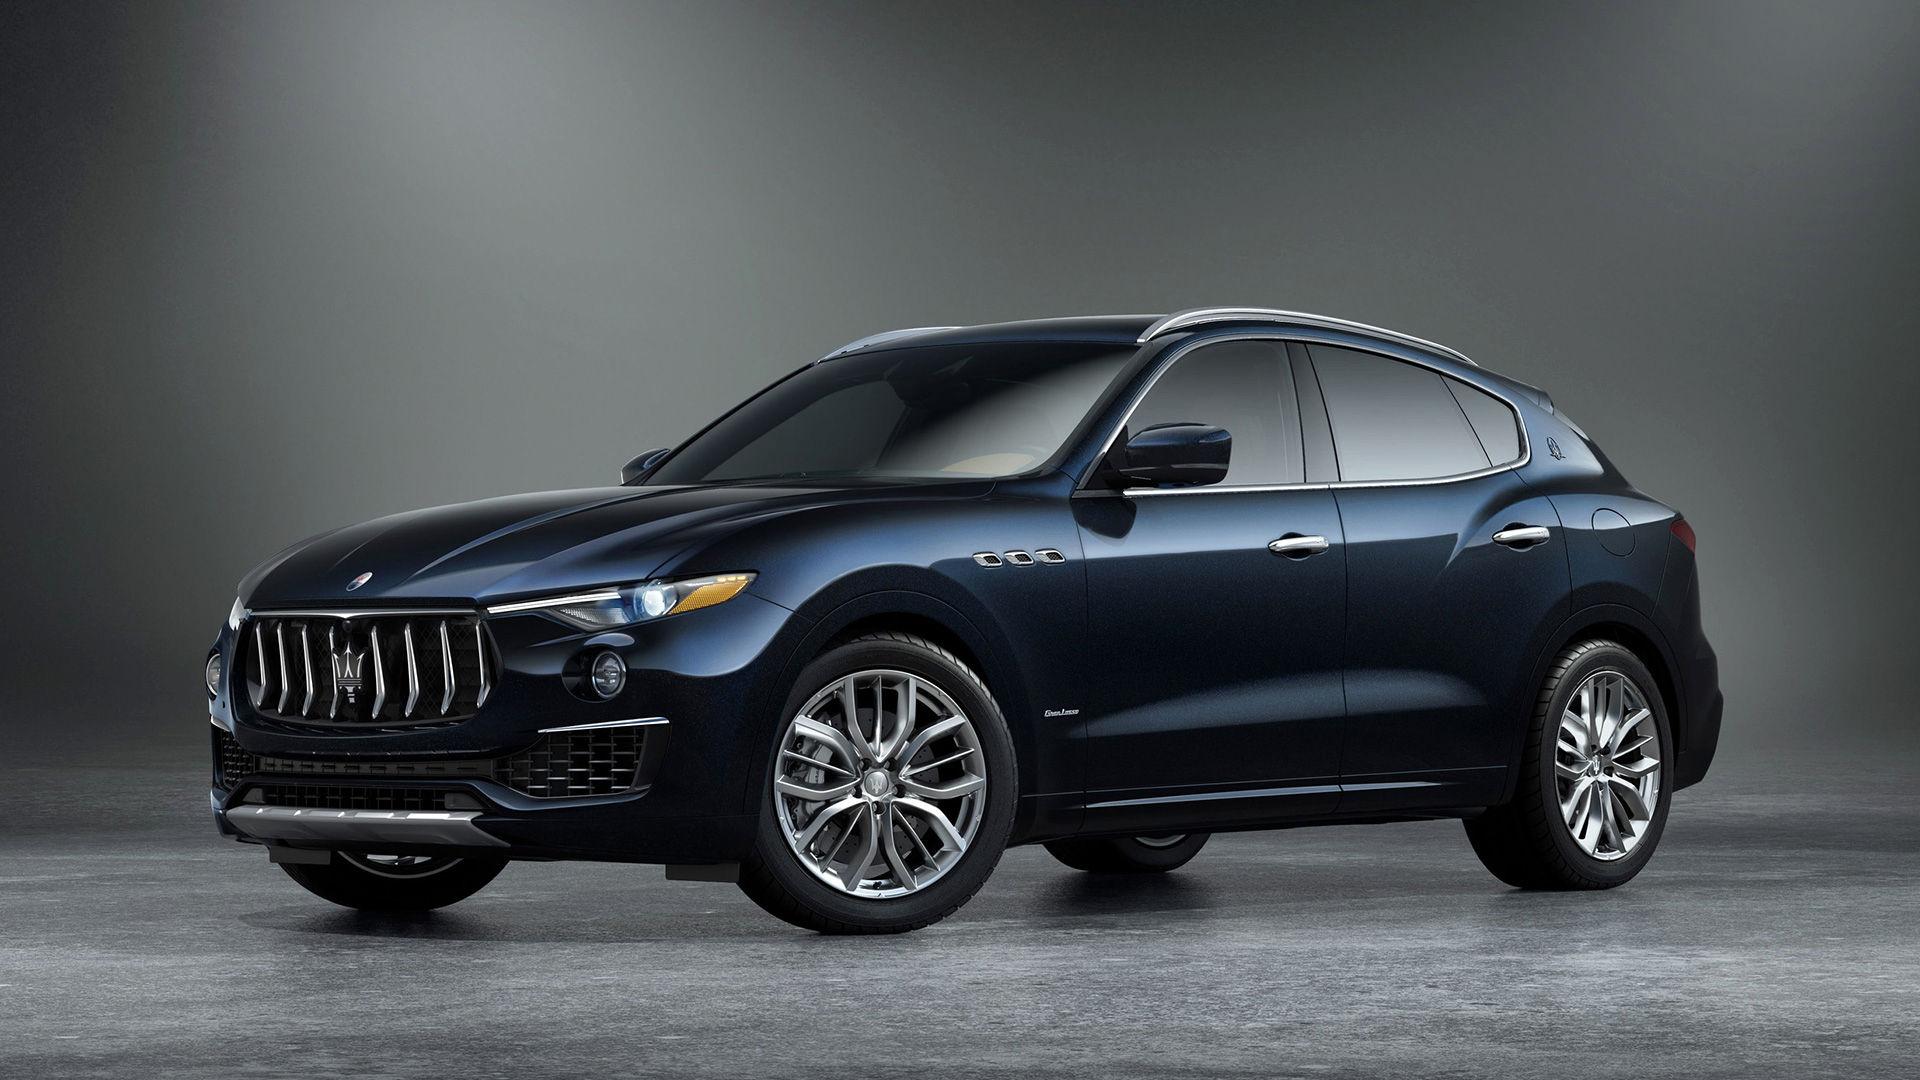 Maserati Levante SUV Edizione Nobile - side view - color Blue Nobile (royal blue)